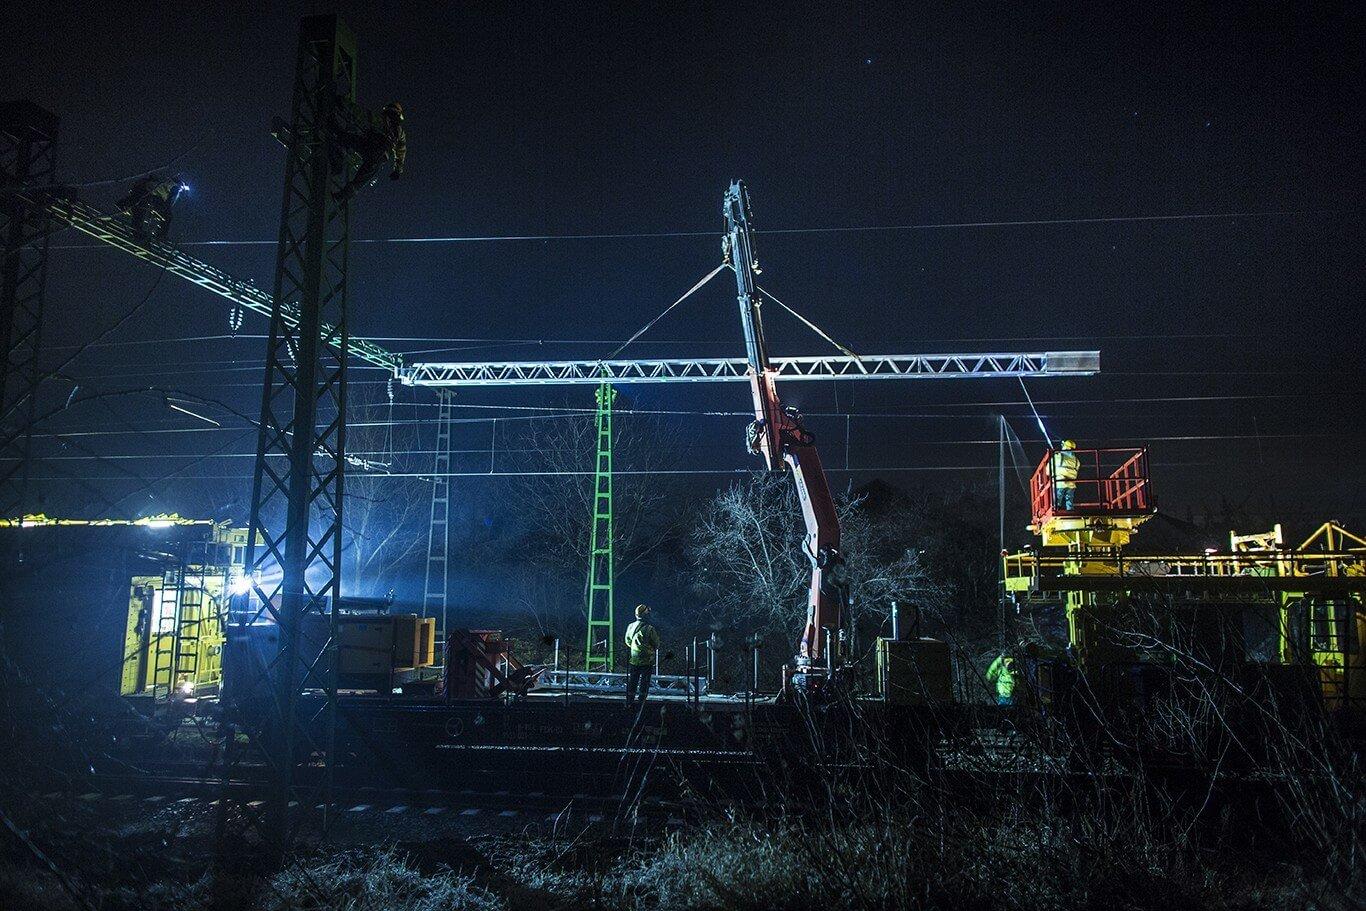 Érd, Háros és Budatétény új hídszerkezete is elkészült a százhalombattai vasútvonalon